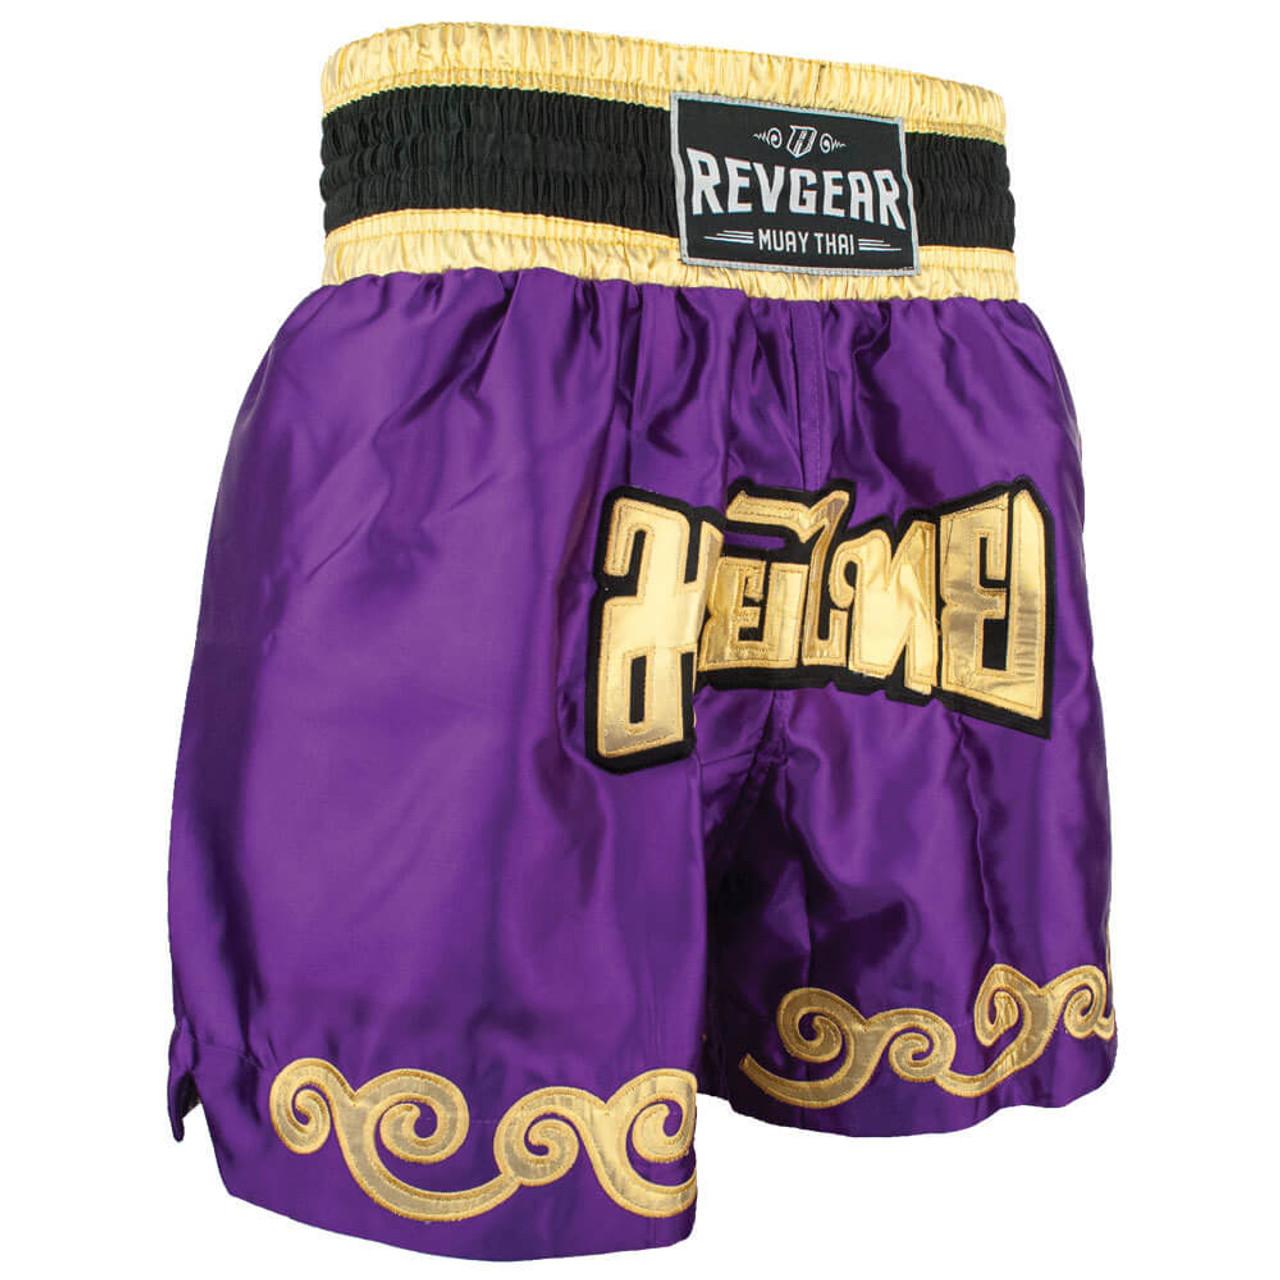 Apsara Thai Shorts